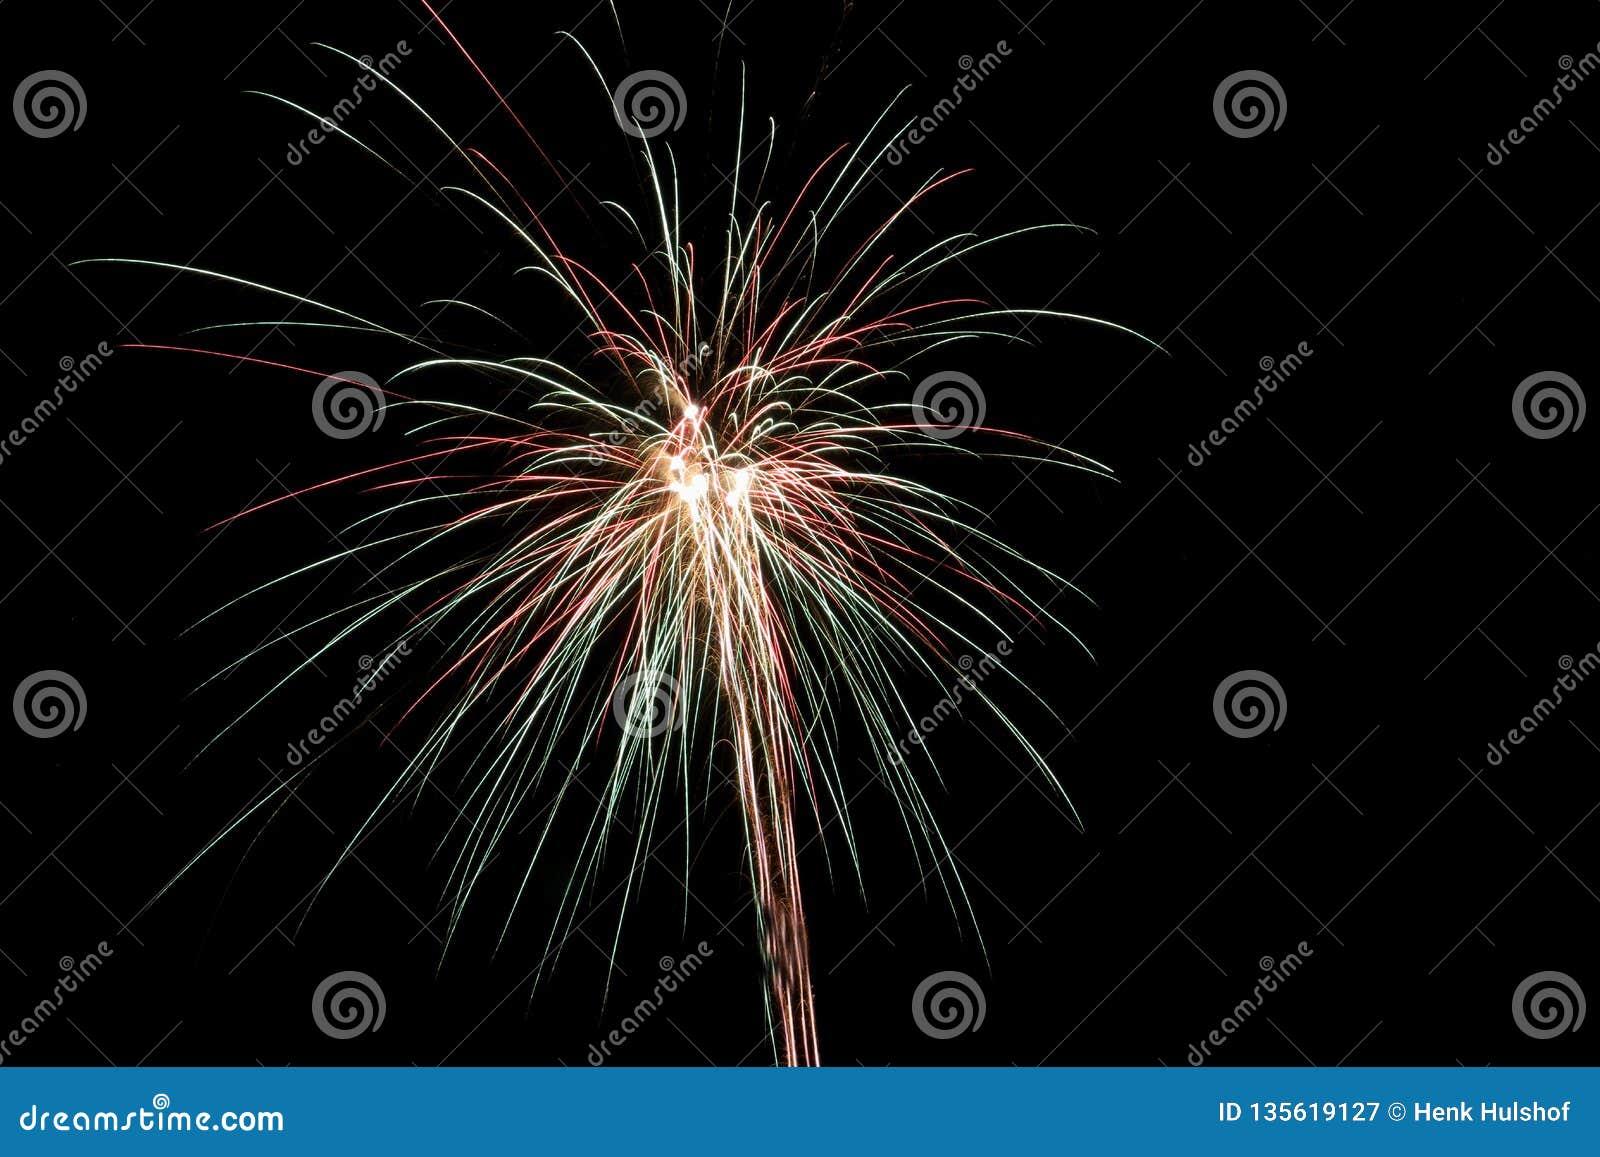 Feuerwerke im niederländischen Jahr 2018/2019